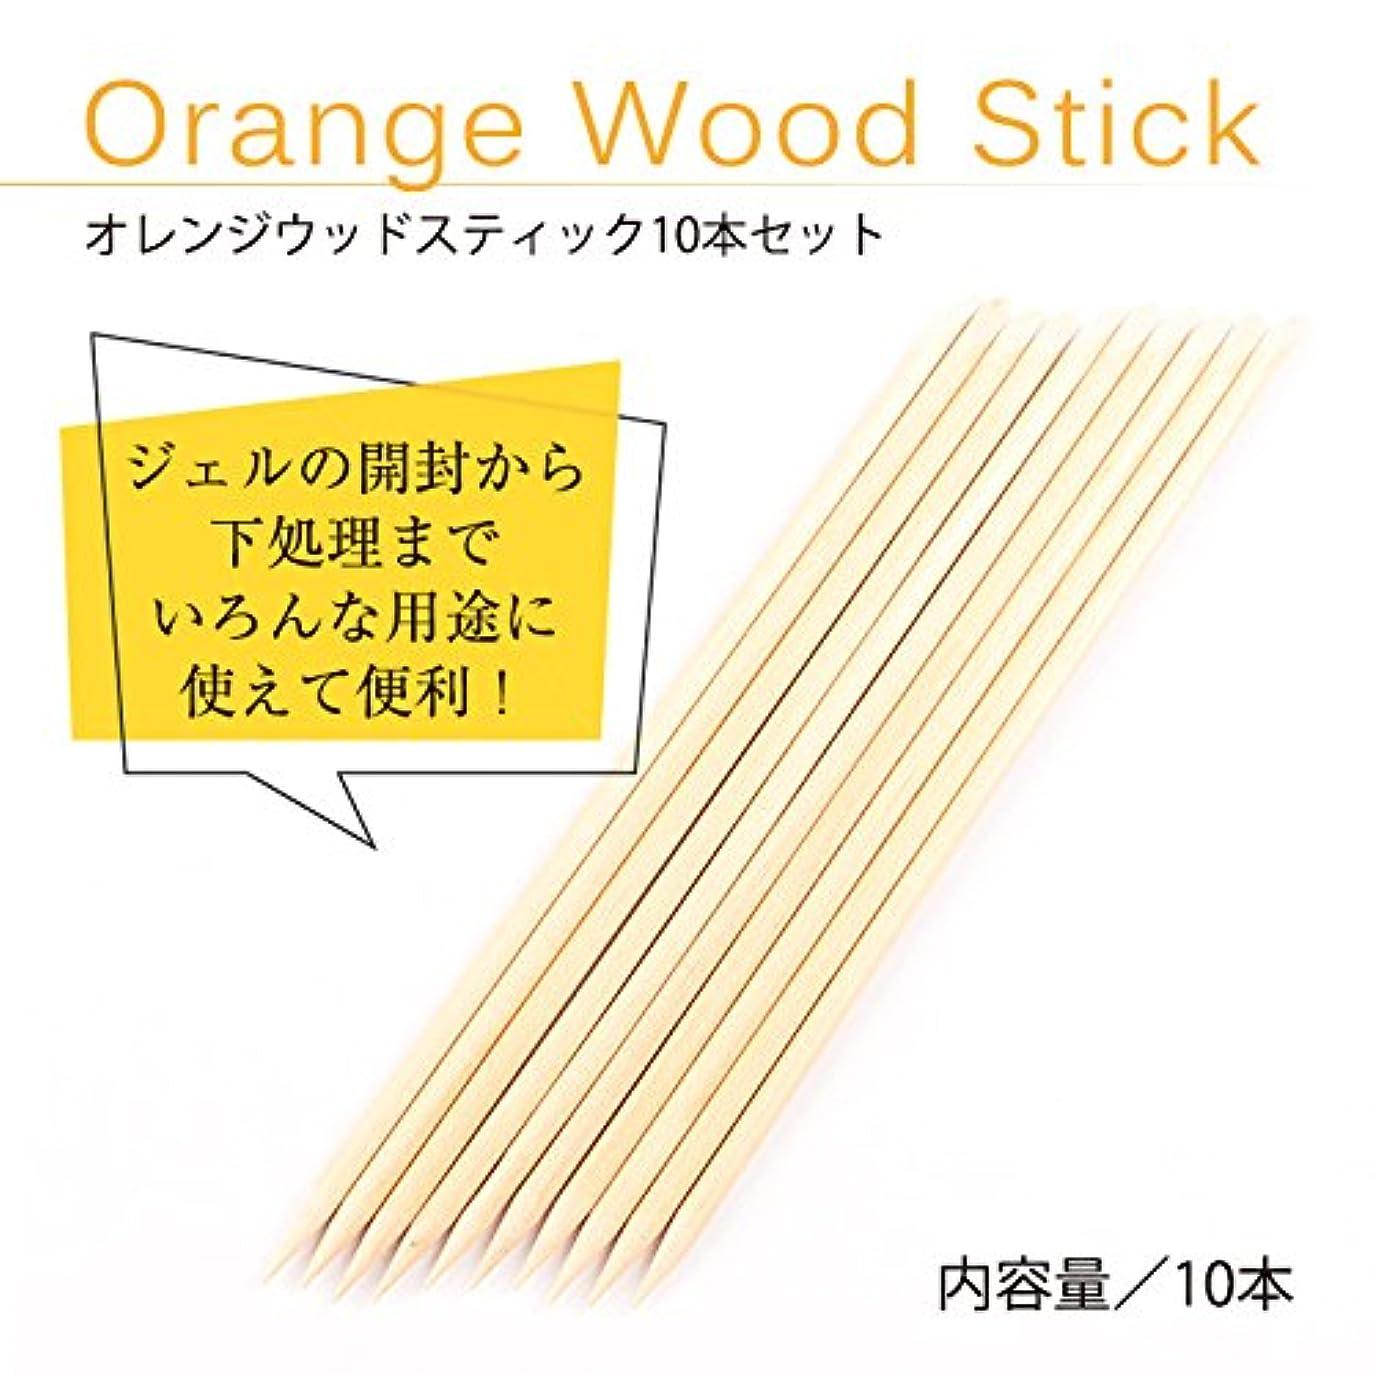 改修する神話お香オレンジ ウッドスティック 10本セット ジェルネイル